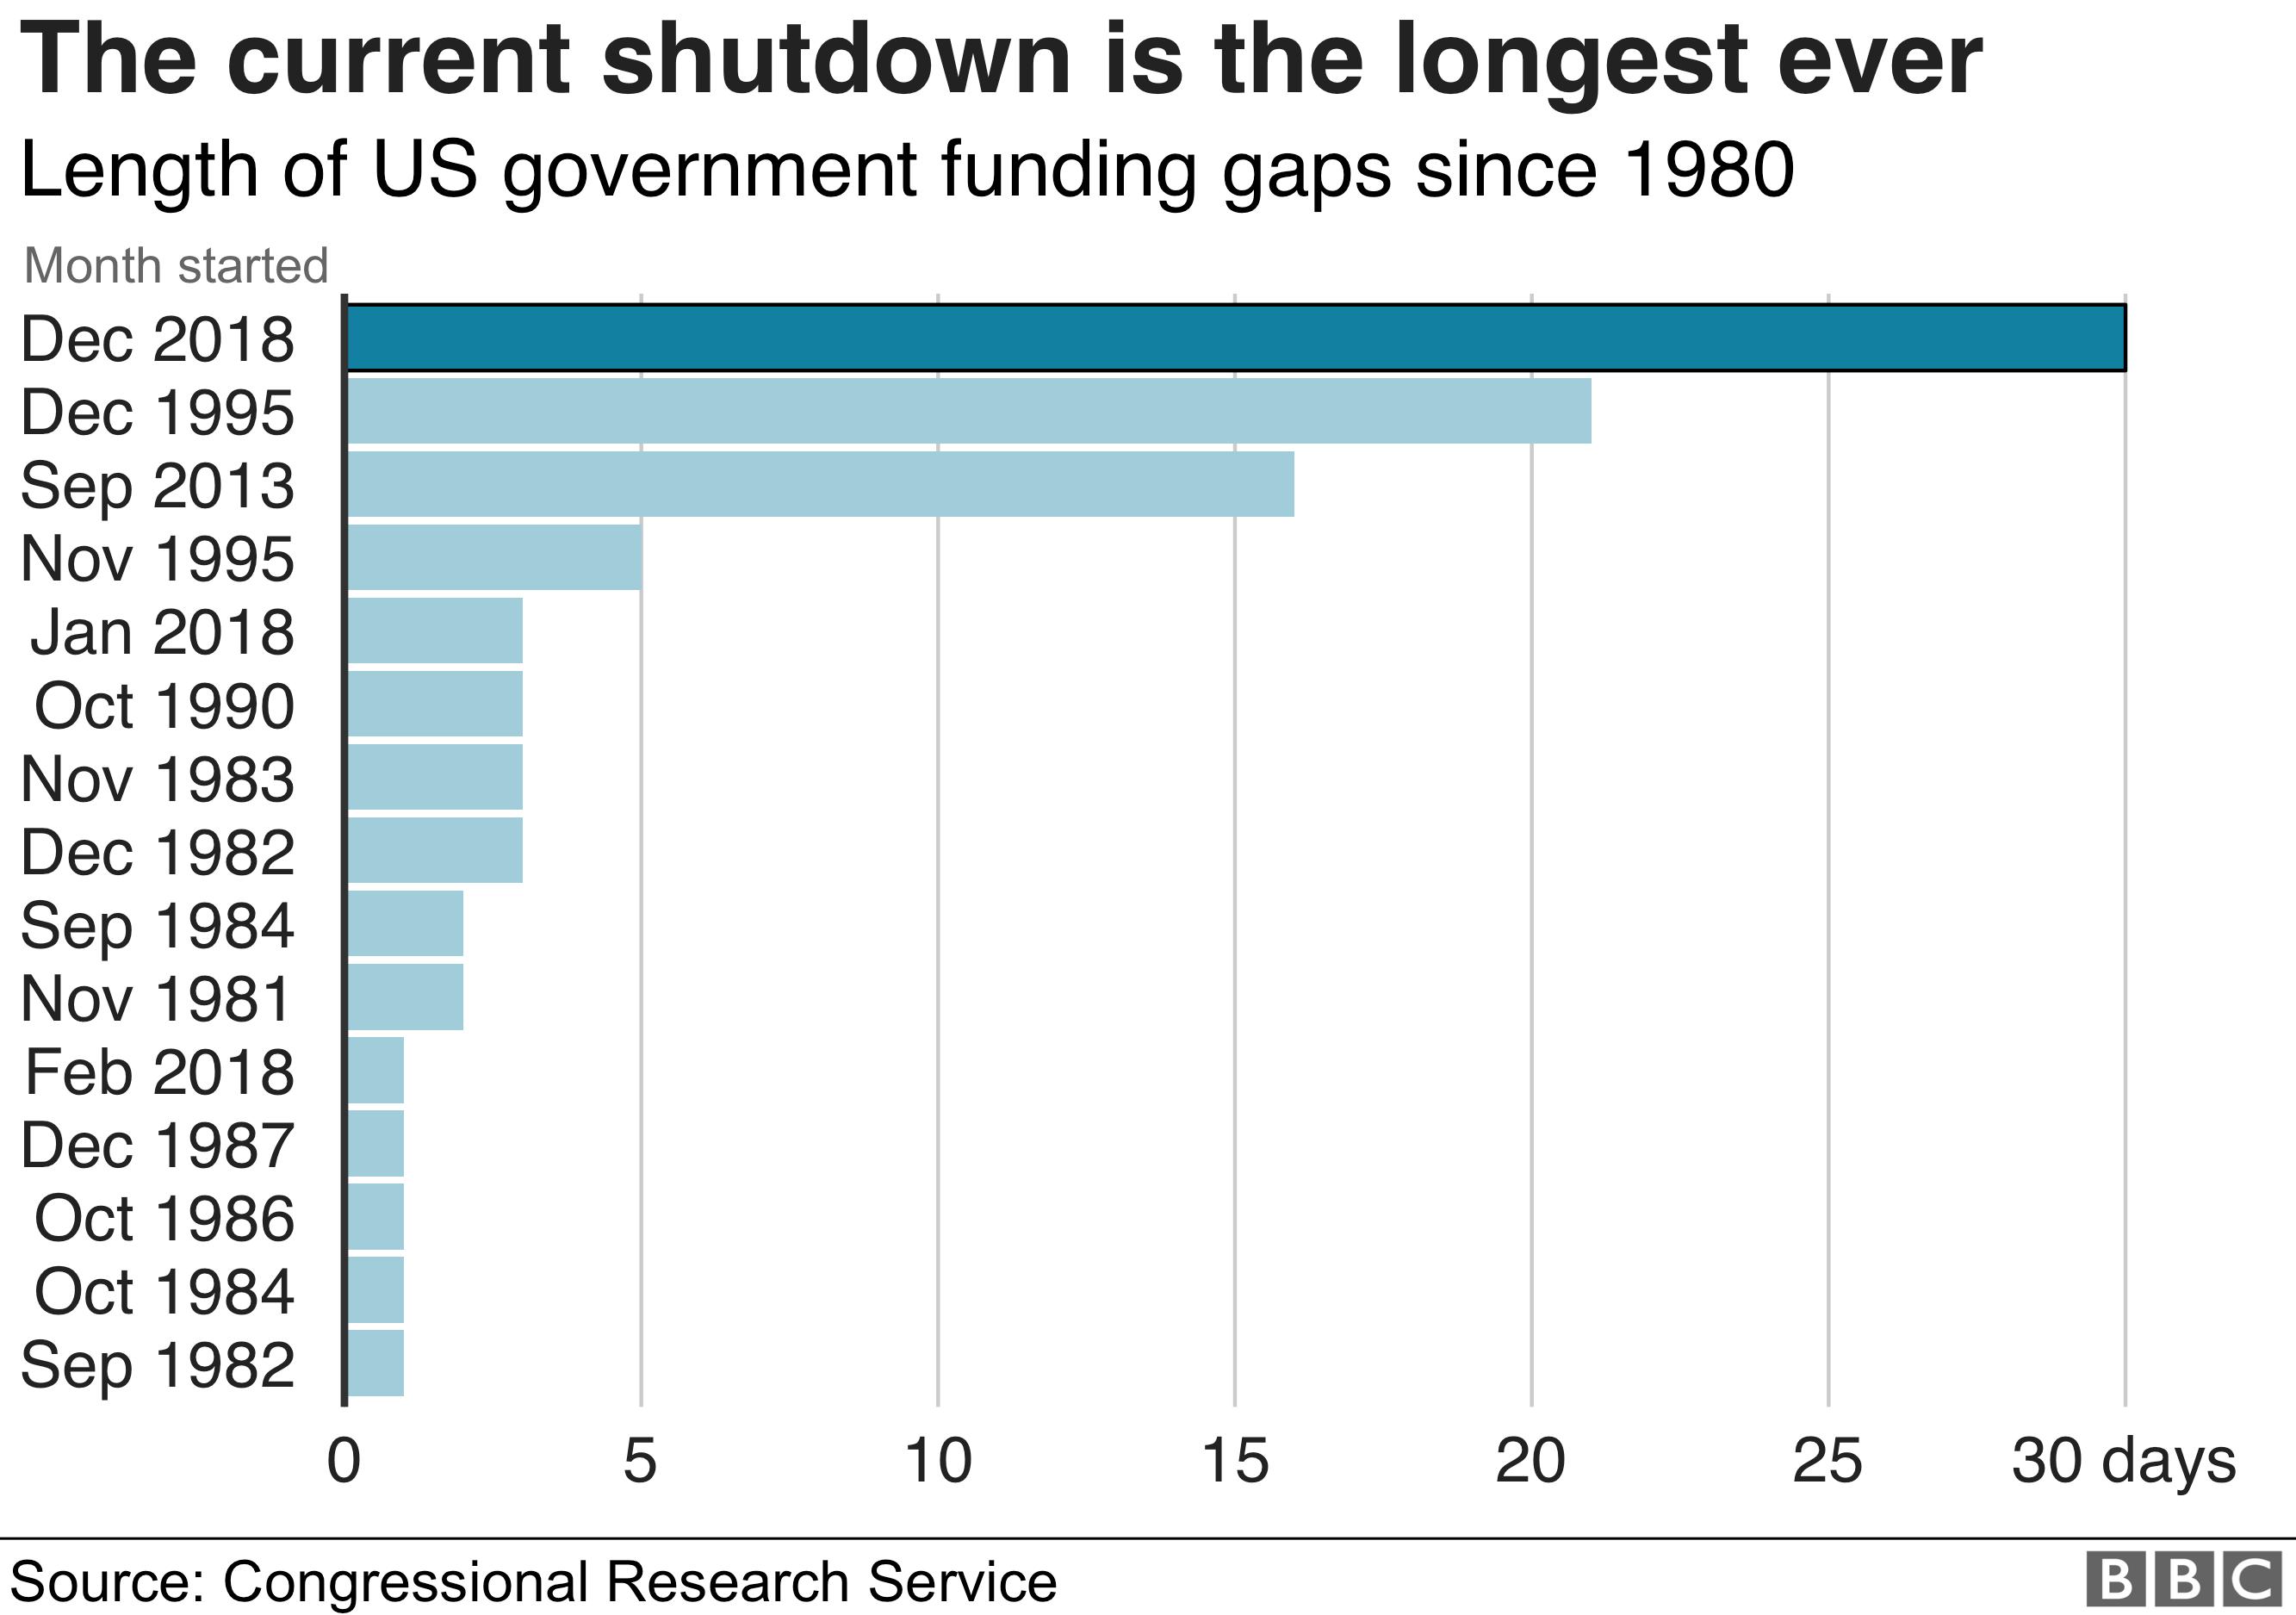 Диаграмма, показывающая продолжительность остановок в США